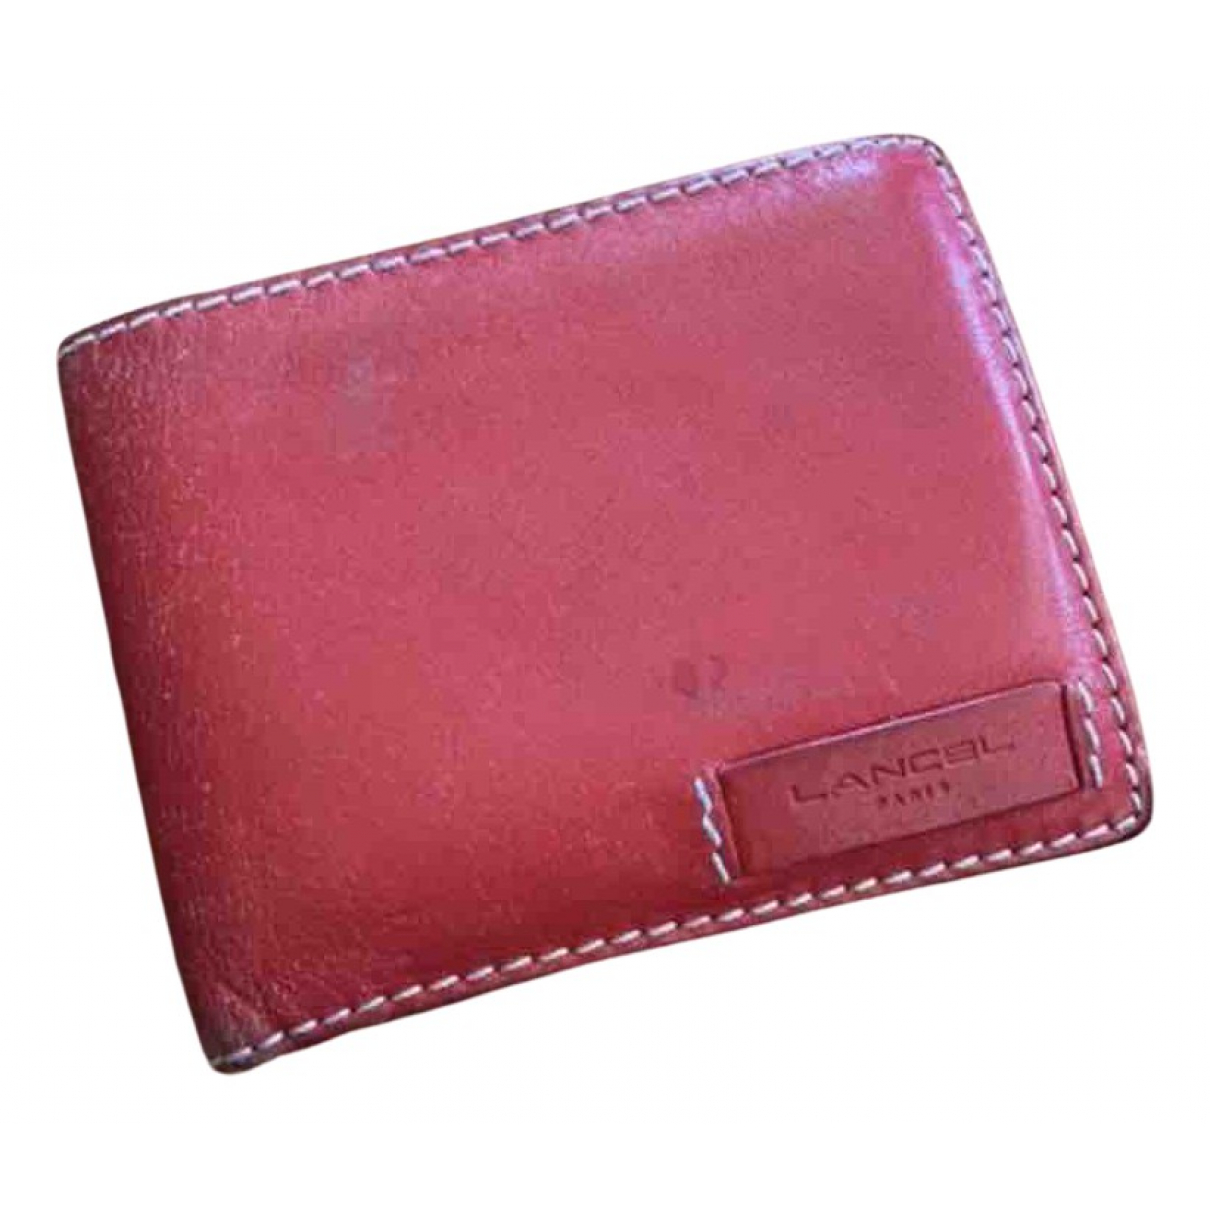 Lancel - Portefeuille   pour femme en cuir - rouge